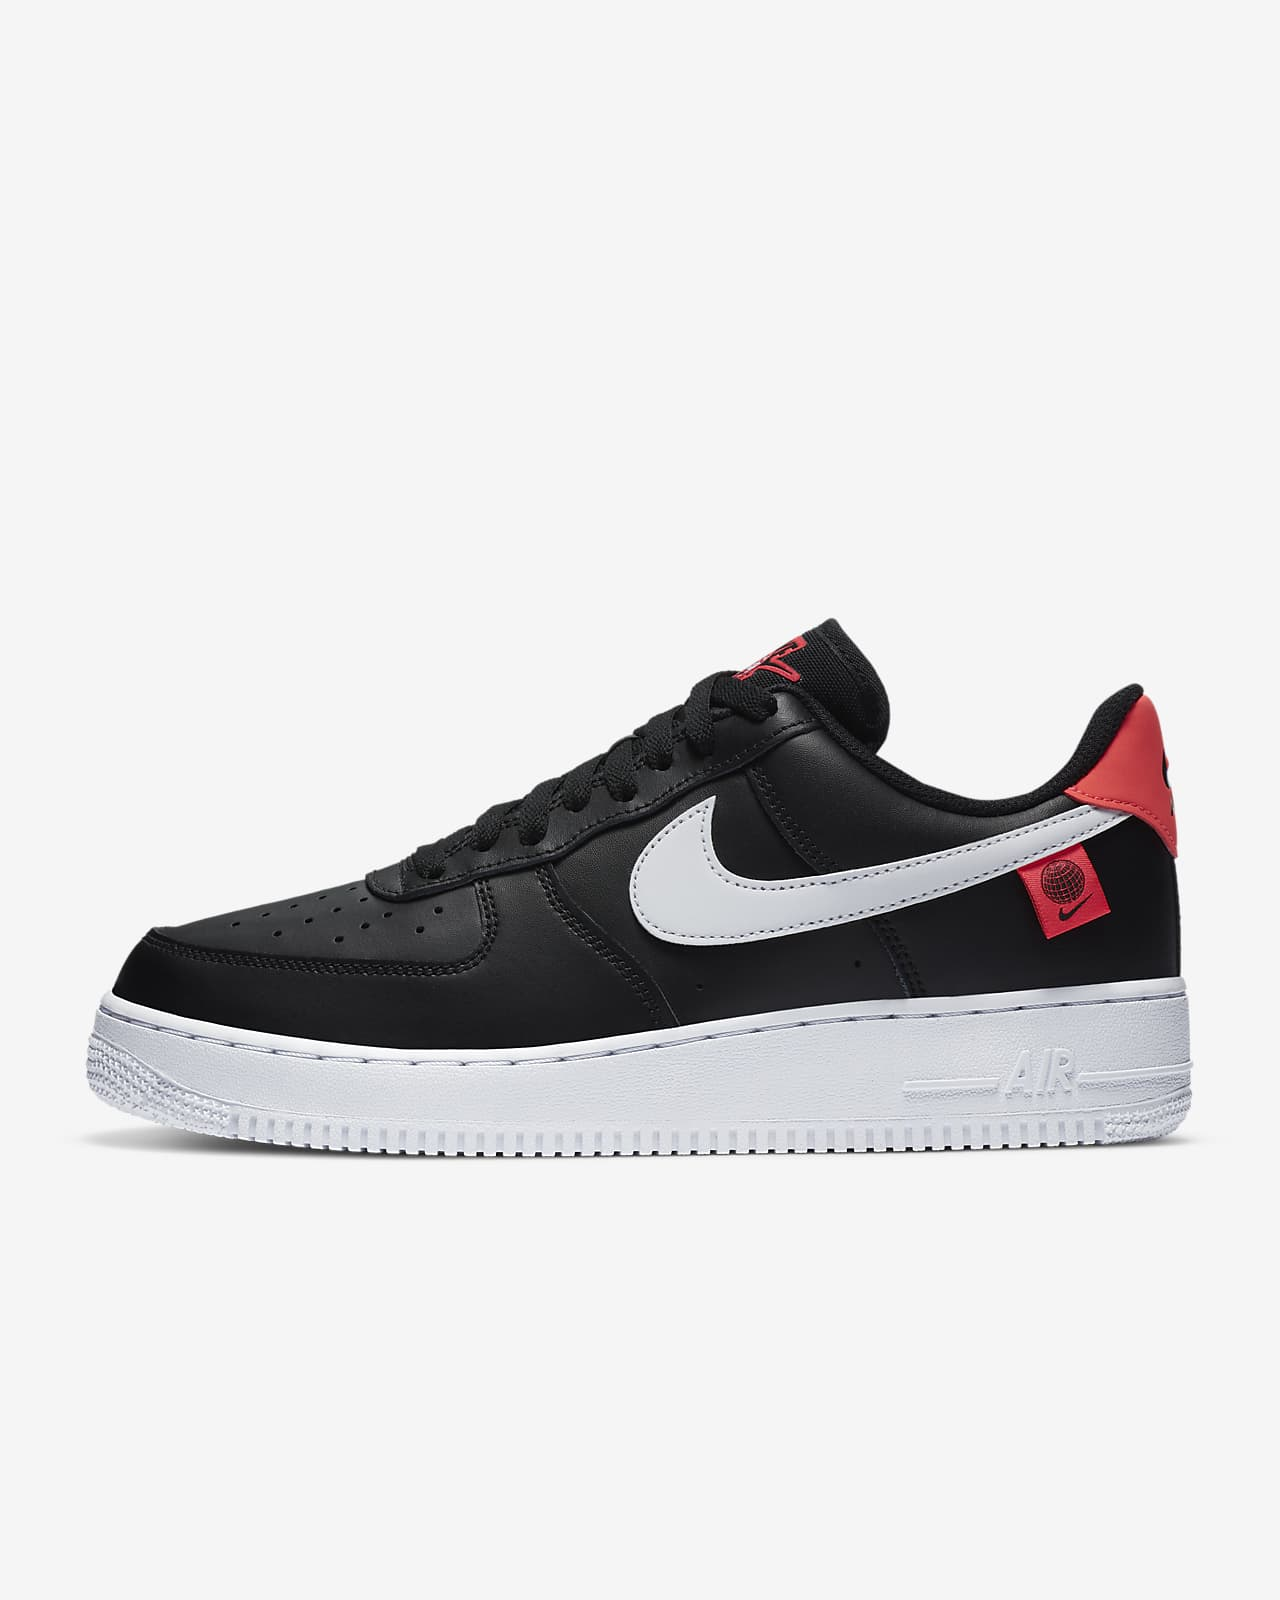 Nike Air Force 1 '07 WW 男鞋